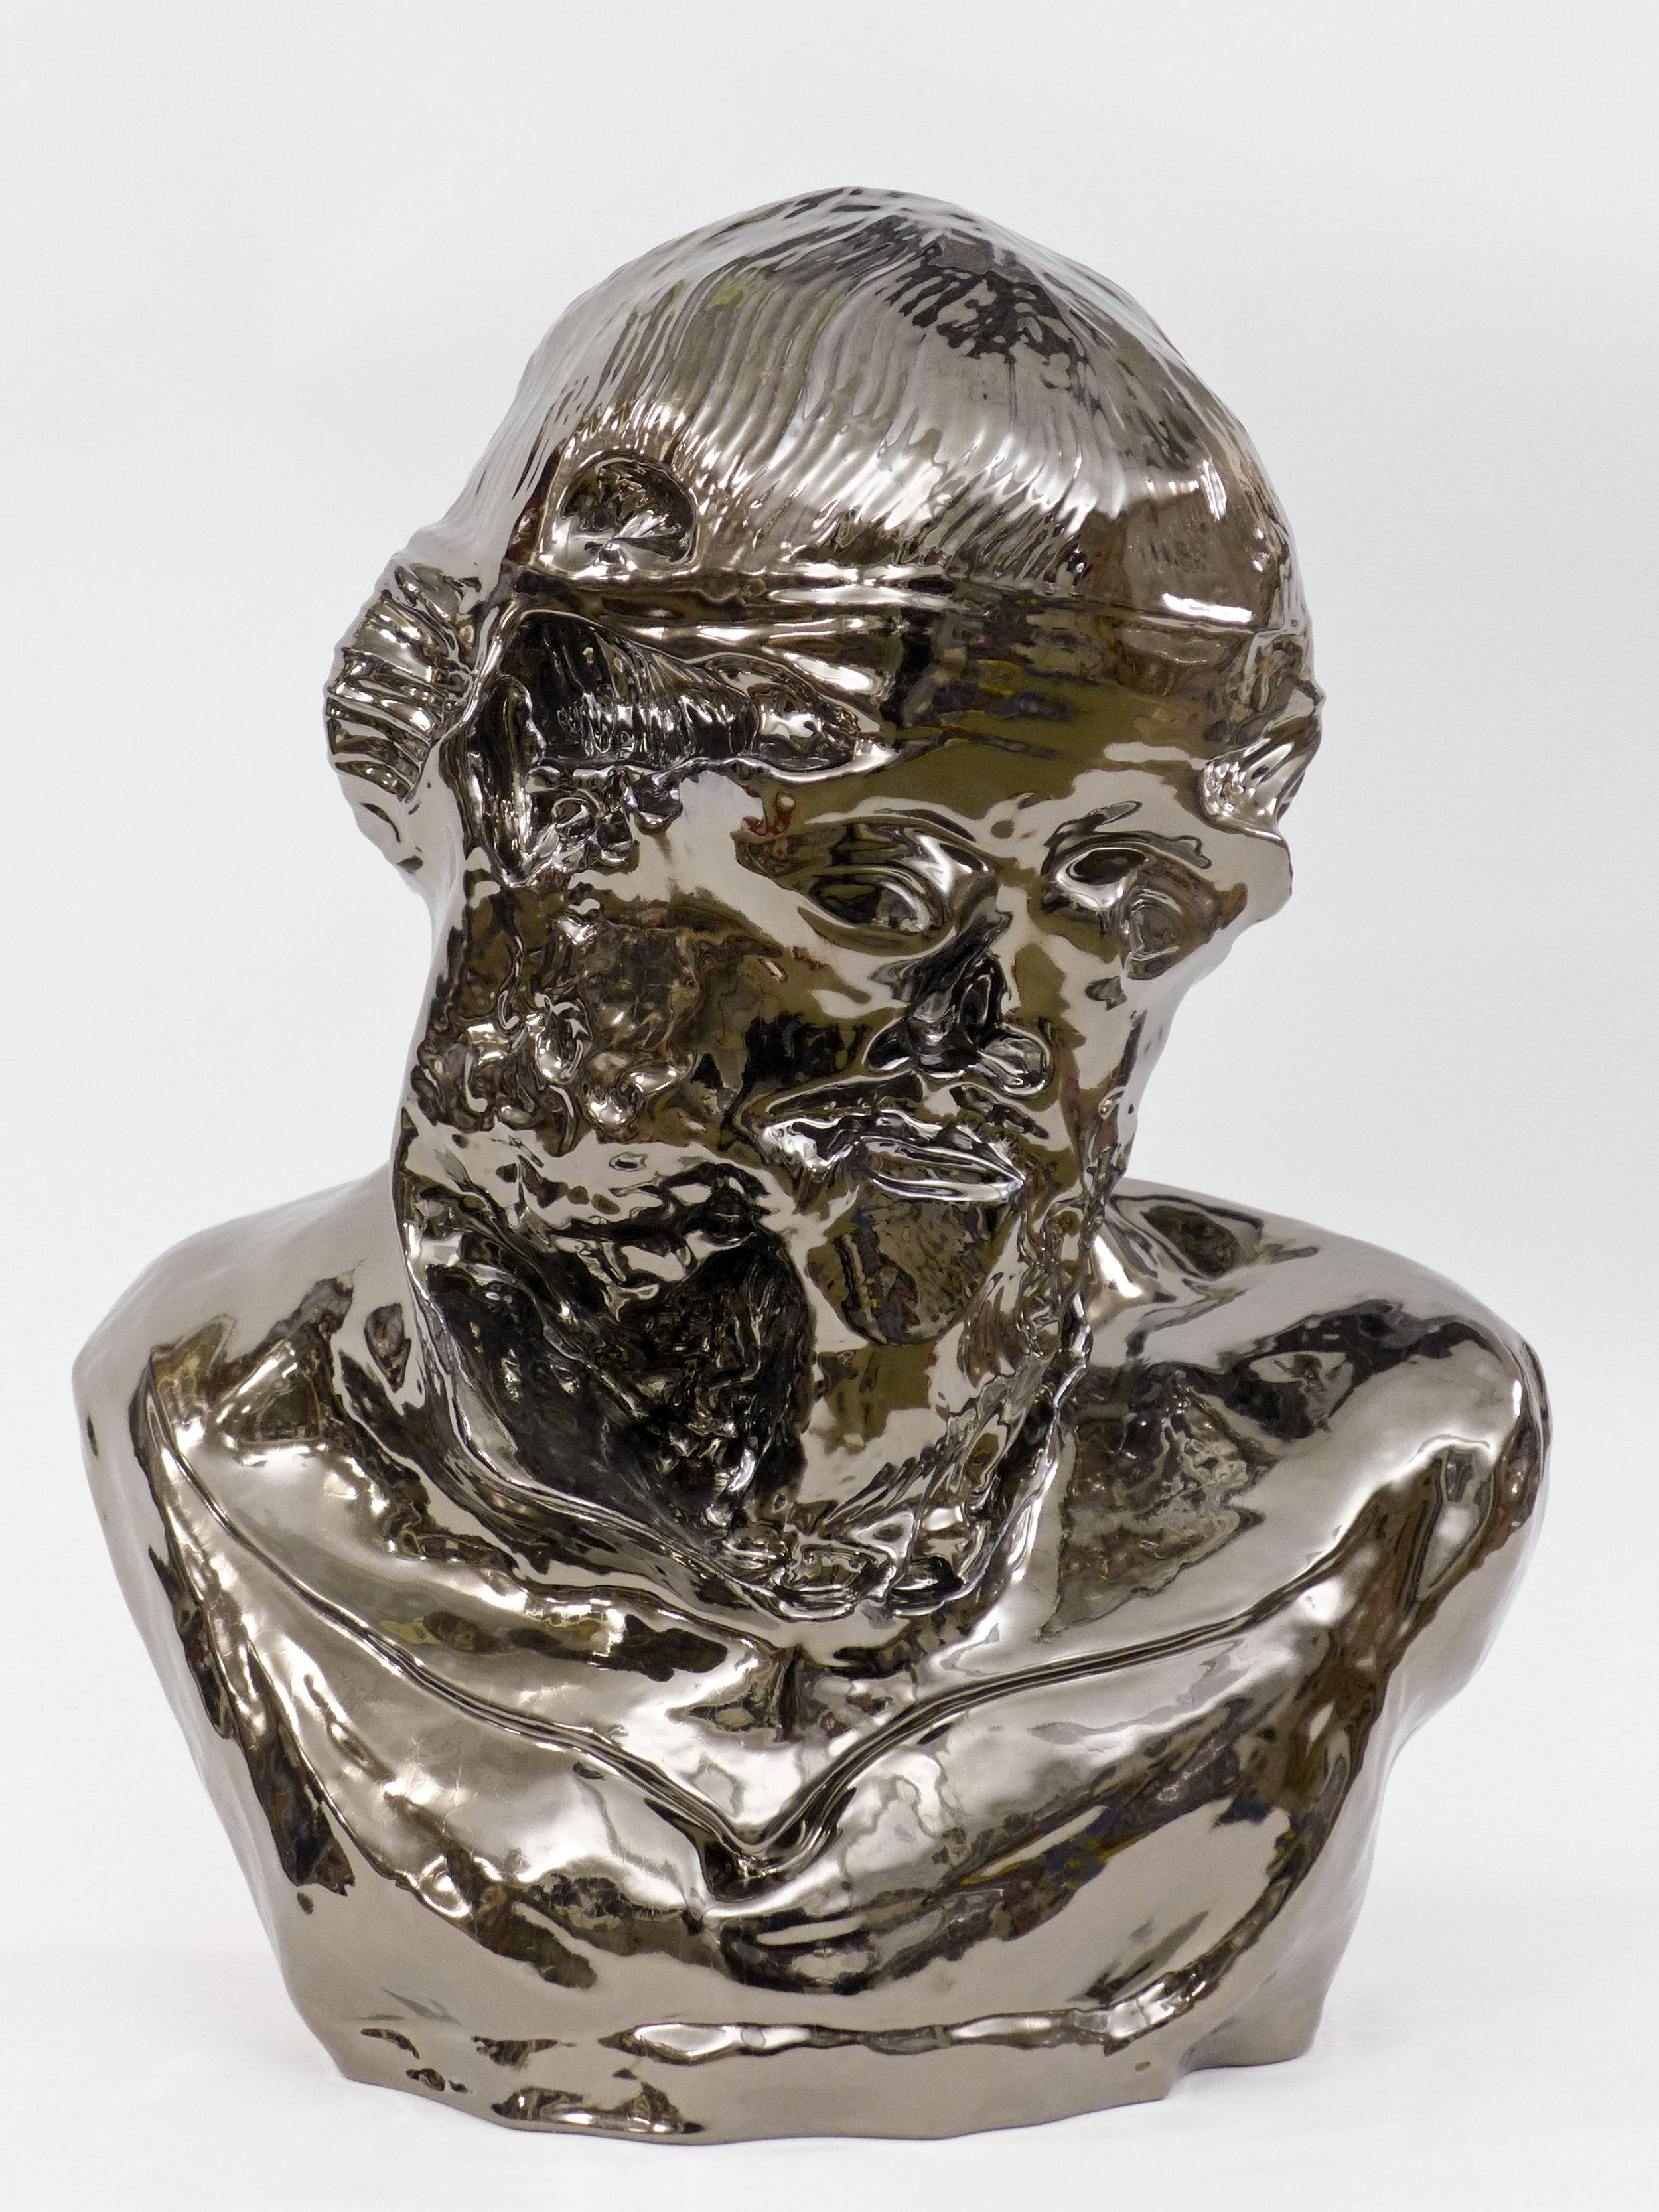 """Christian Gonzenbach, """"Notalp Suhcab"""" (Platon), de la série """"Hcabneznog"""", céramique émaillée au bronze, 54 x 46 x 27 cm"""